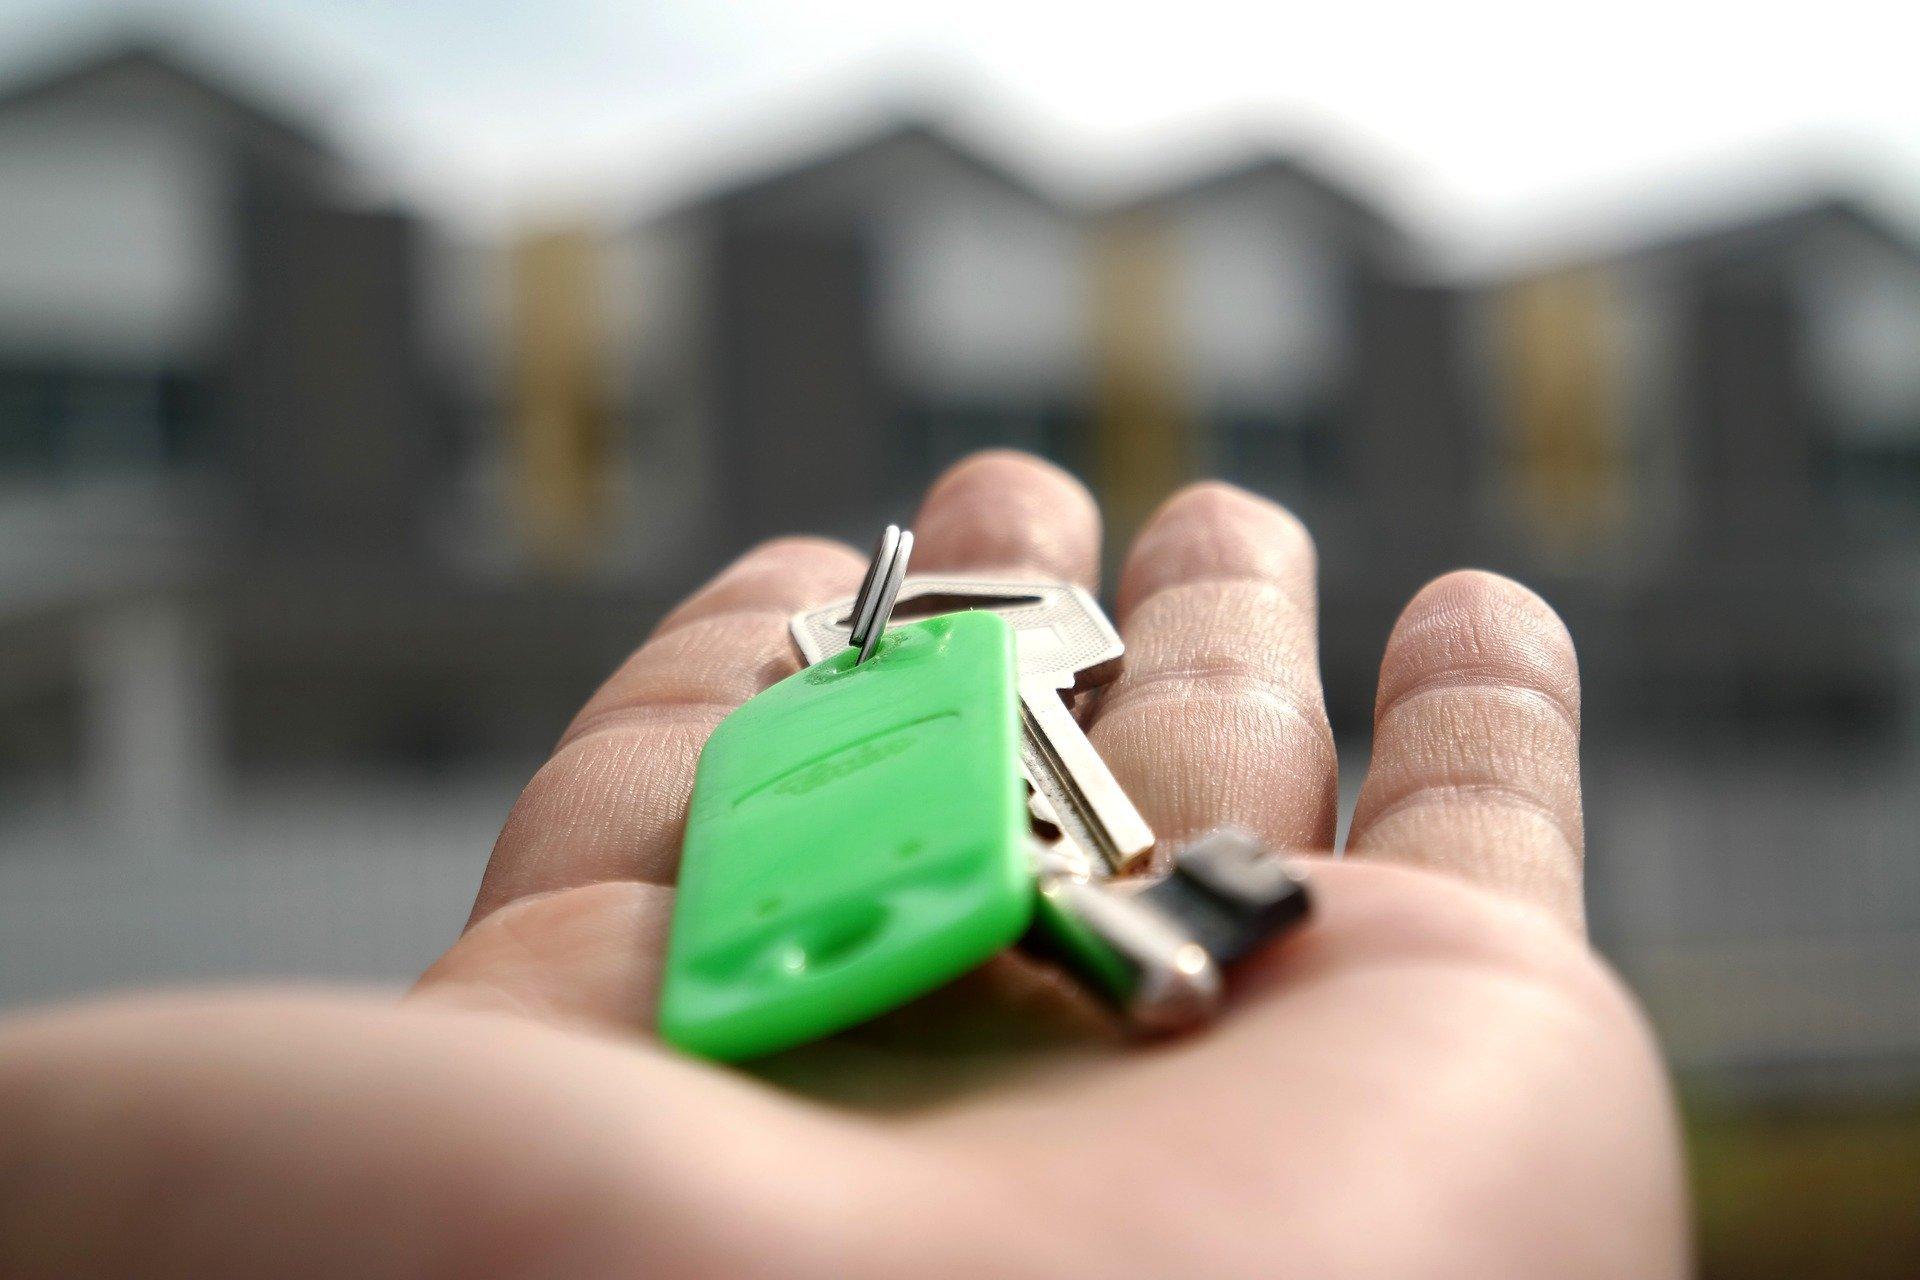 key 2323278 1920.jpg?resize=1200,630 - Immobilier en Allemagne : plus de 1700 personnes sont intéressées par la location de cet appartement à Berlin